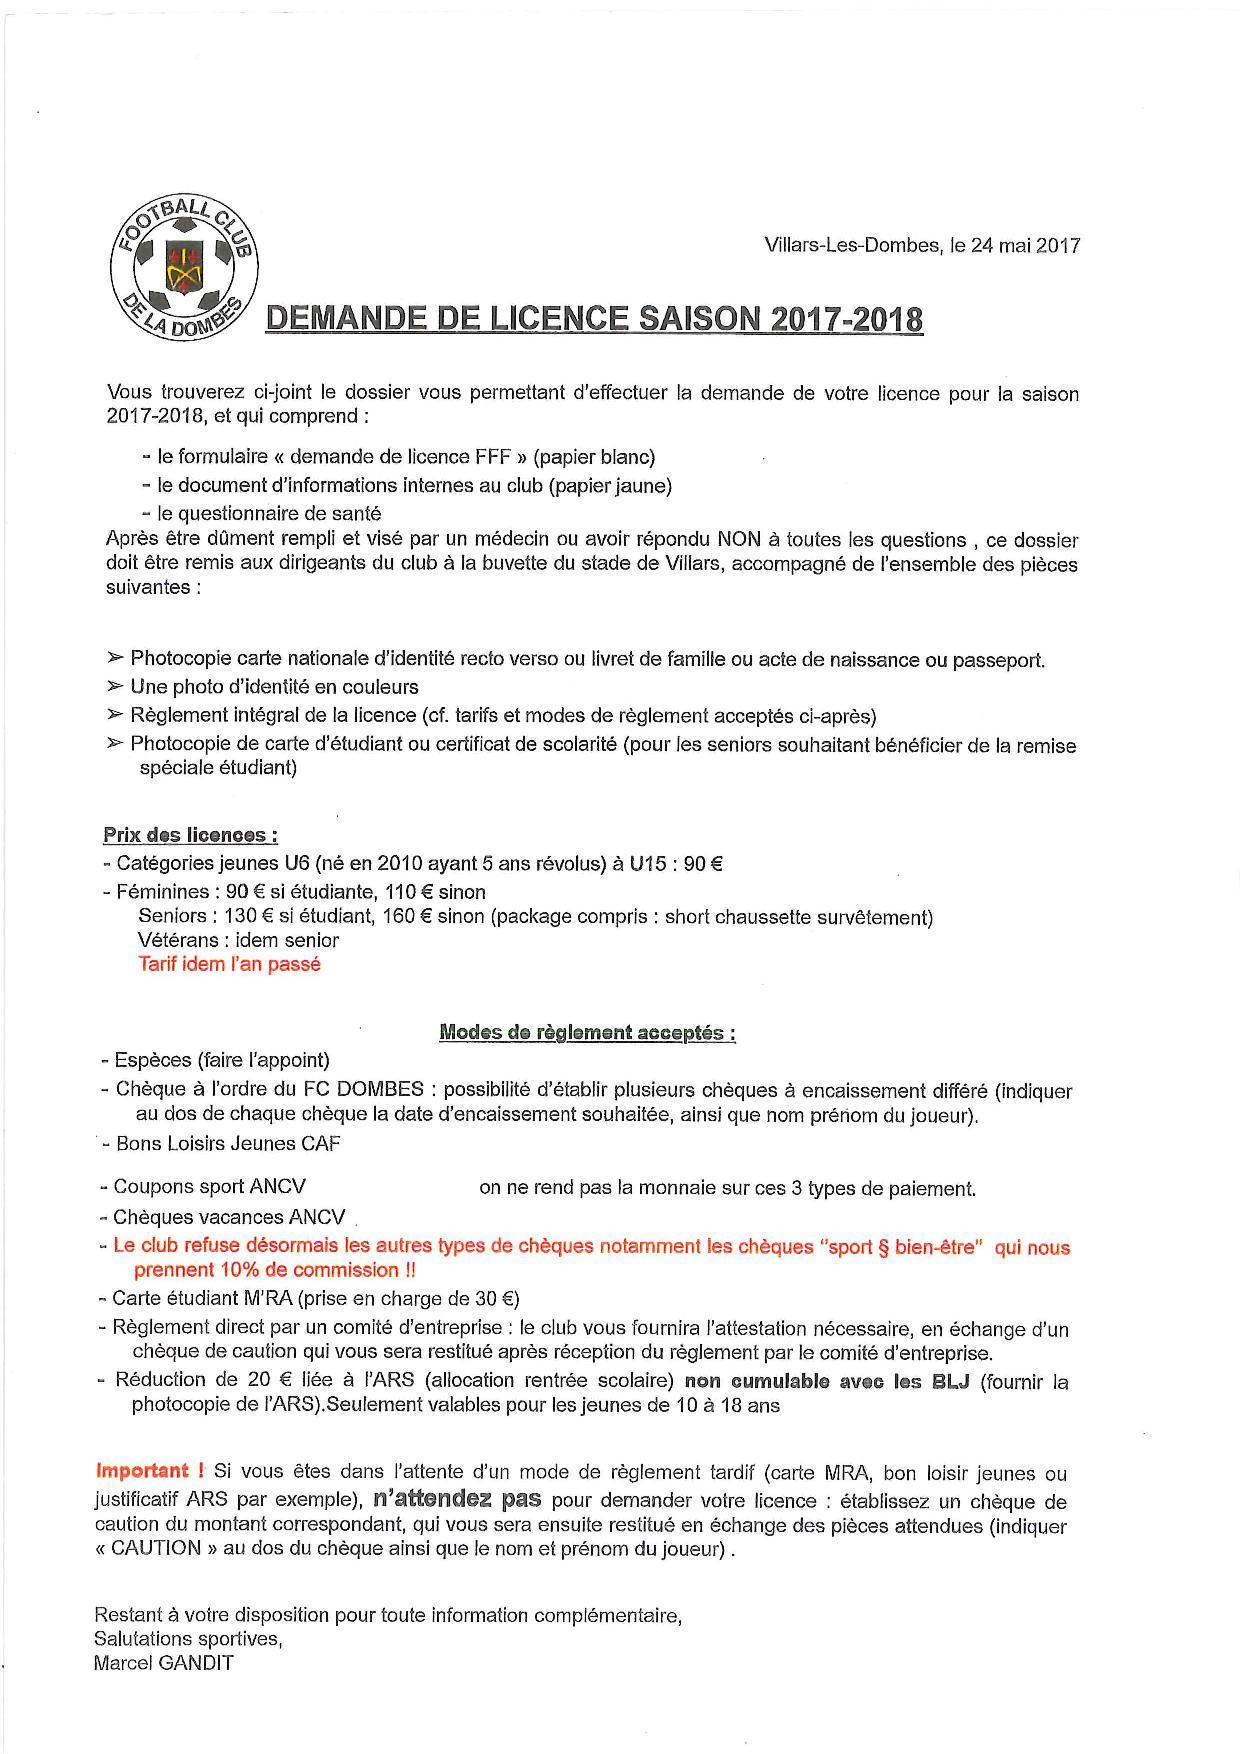 DemandeLicence-page-001.jpg